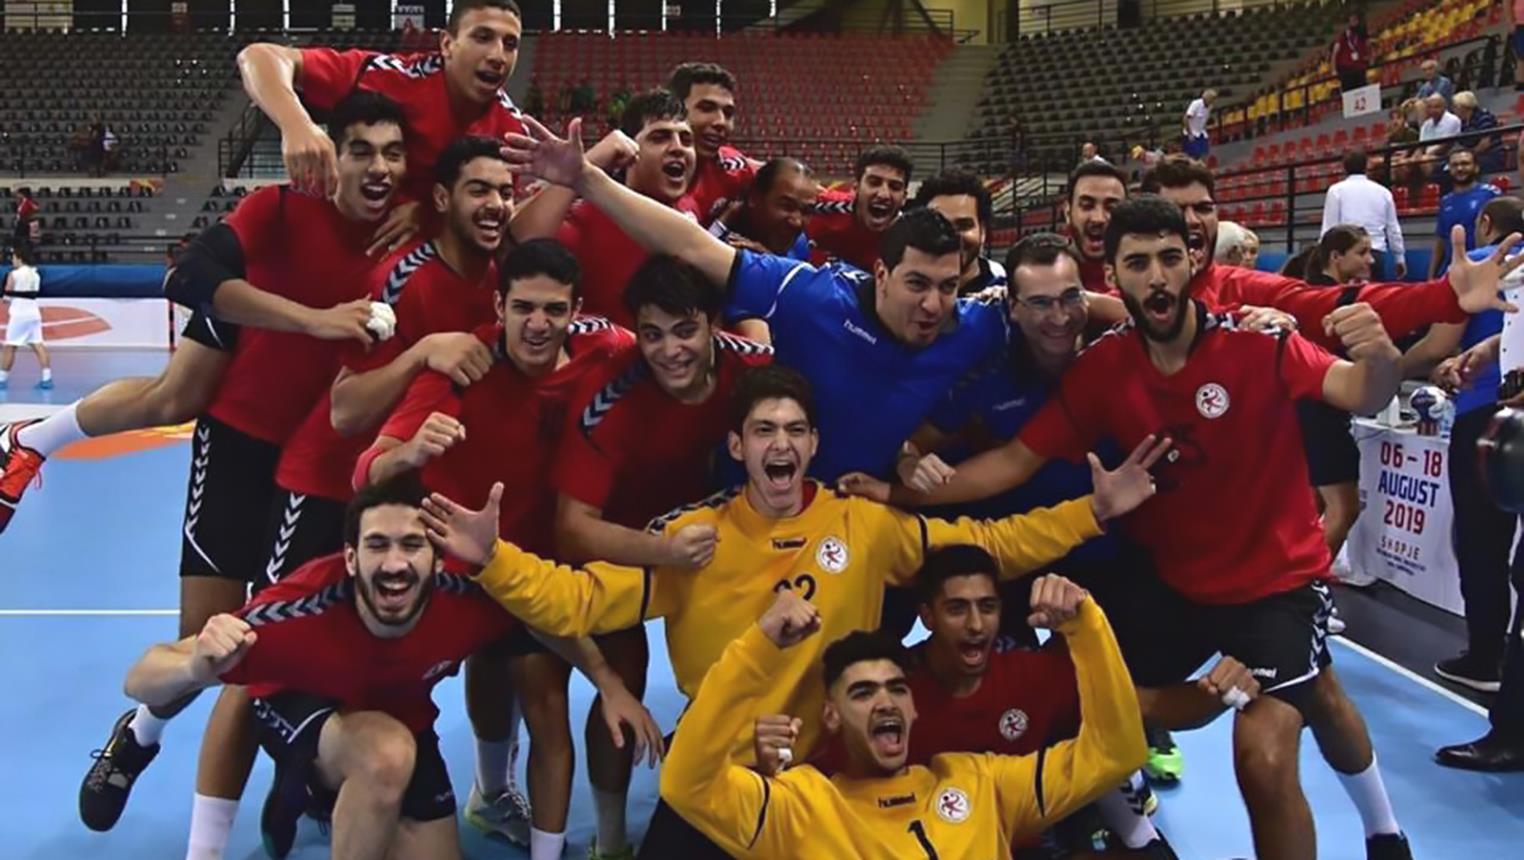 إنجاز تاريخي ..  منتخب مصر لكرة اليد يُفرح مواقع التواصل